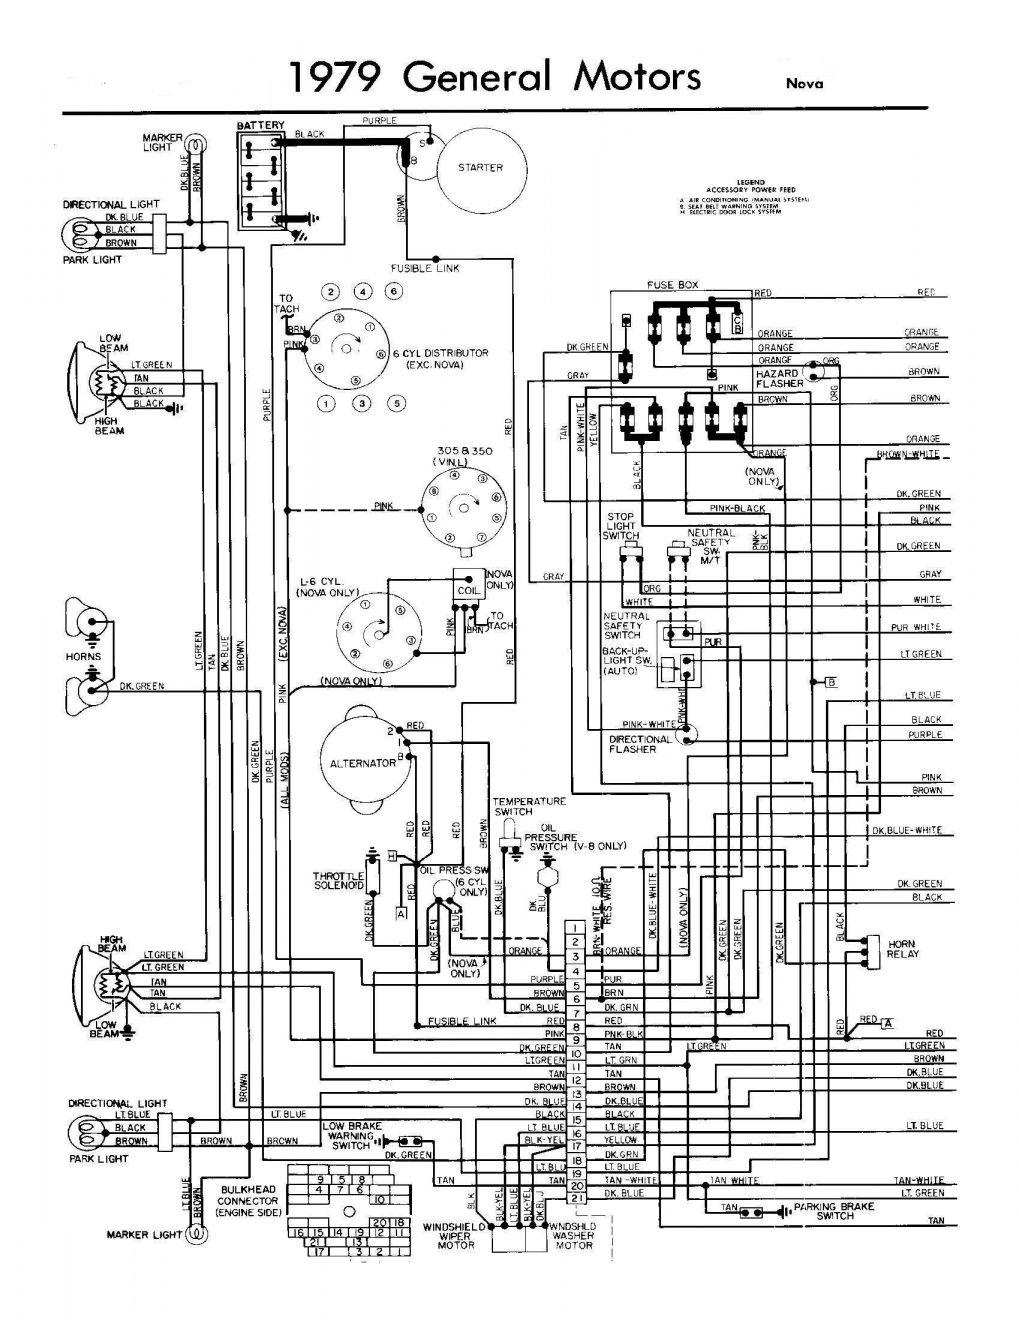 12 1977 Chevy Truck Vacuum Diagram Truck Diagram Wiringg Net Chevy Trucks 1979 Chevy Truck 79 Chevy Truck